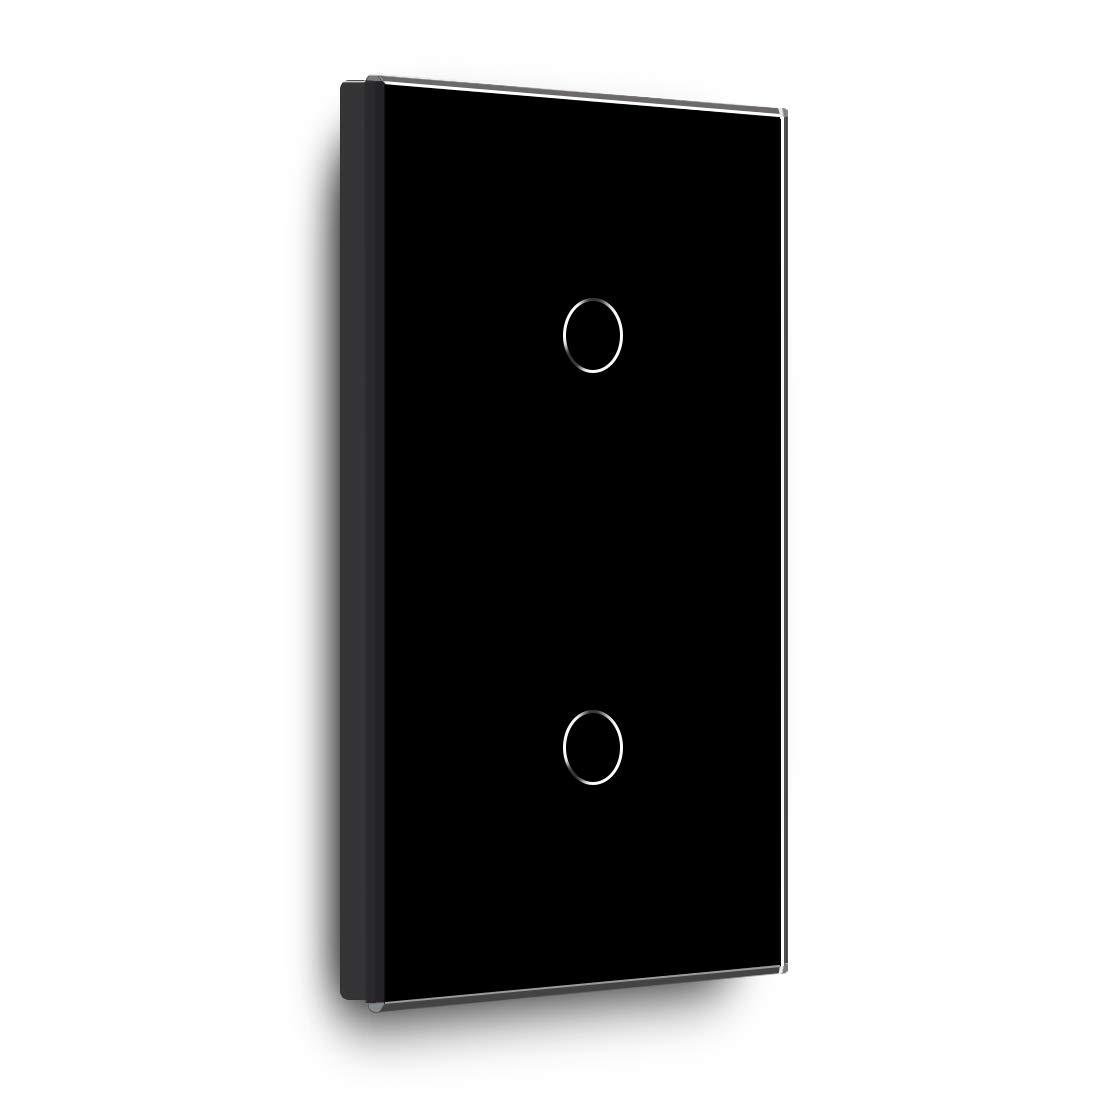 86mm 1 Gang 1 Way Negro BSEED Toque el interruptor de la luz de la pared y el panel de vidrio del interruptor m/ás oscuro 157mm